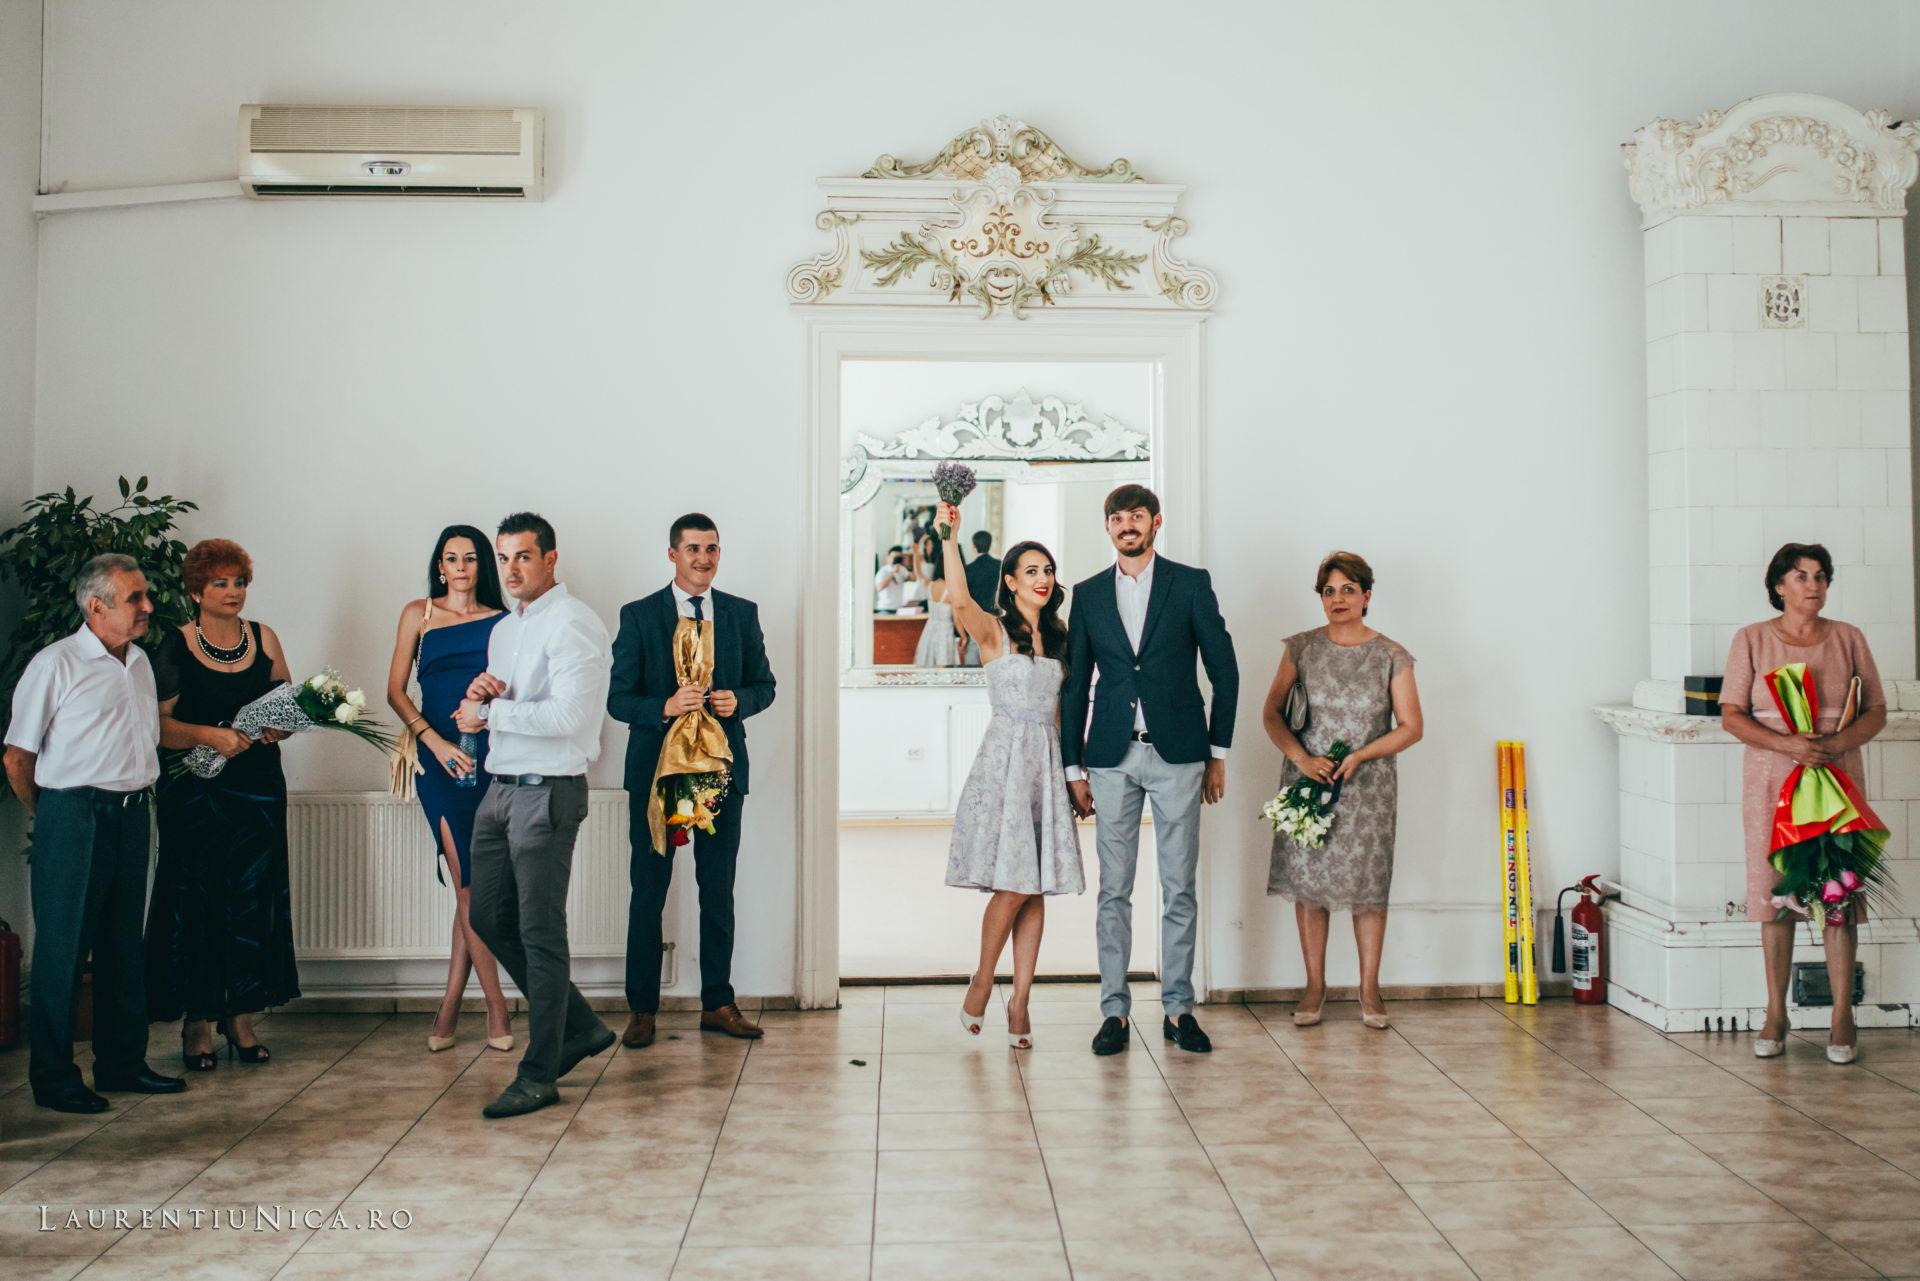 Cristina si Ovidiu nunta Craiova fotograf laurentiu nica 004 - Cristina & Ovidiu | Fotografii nunta | Craiova